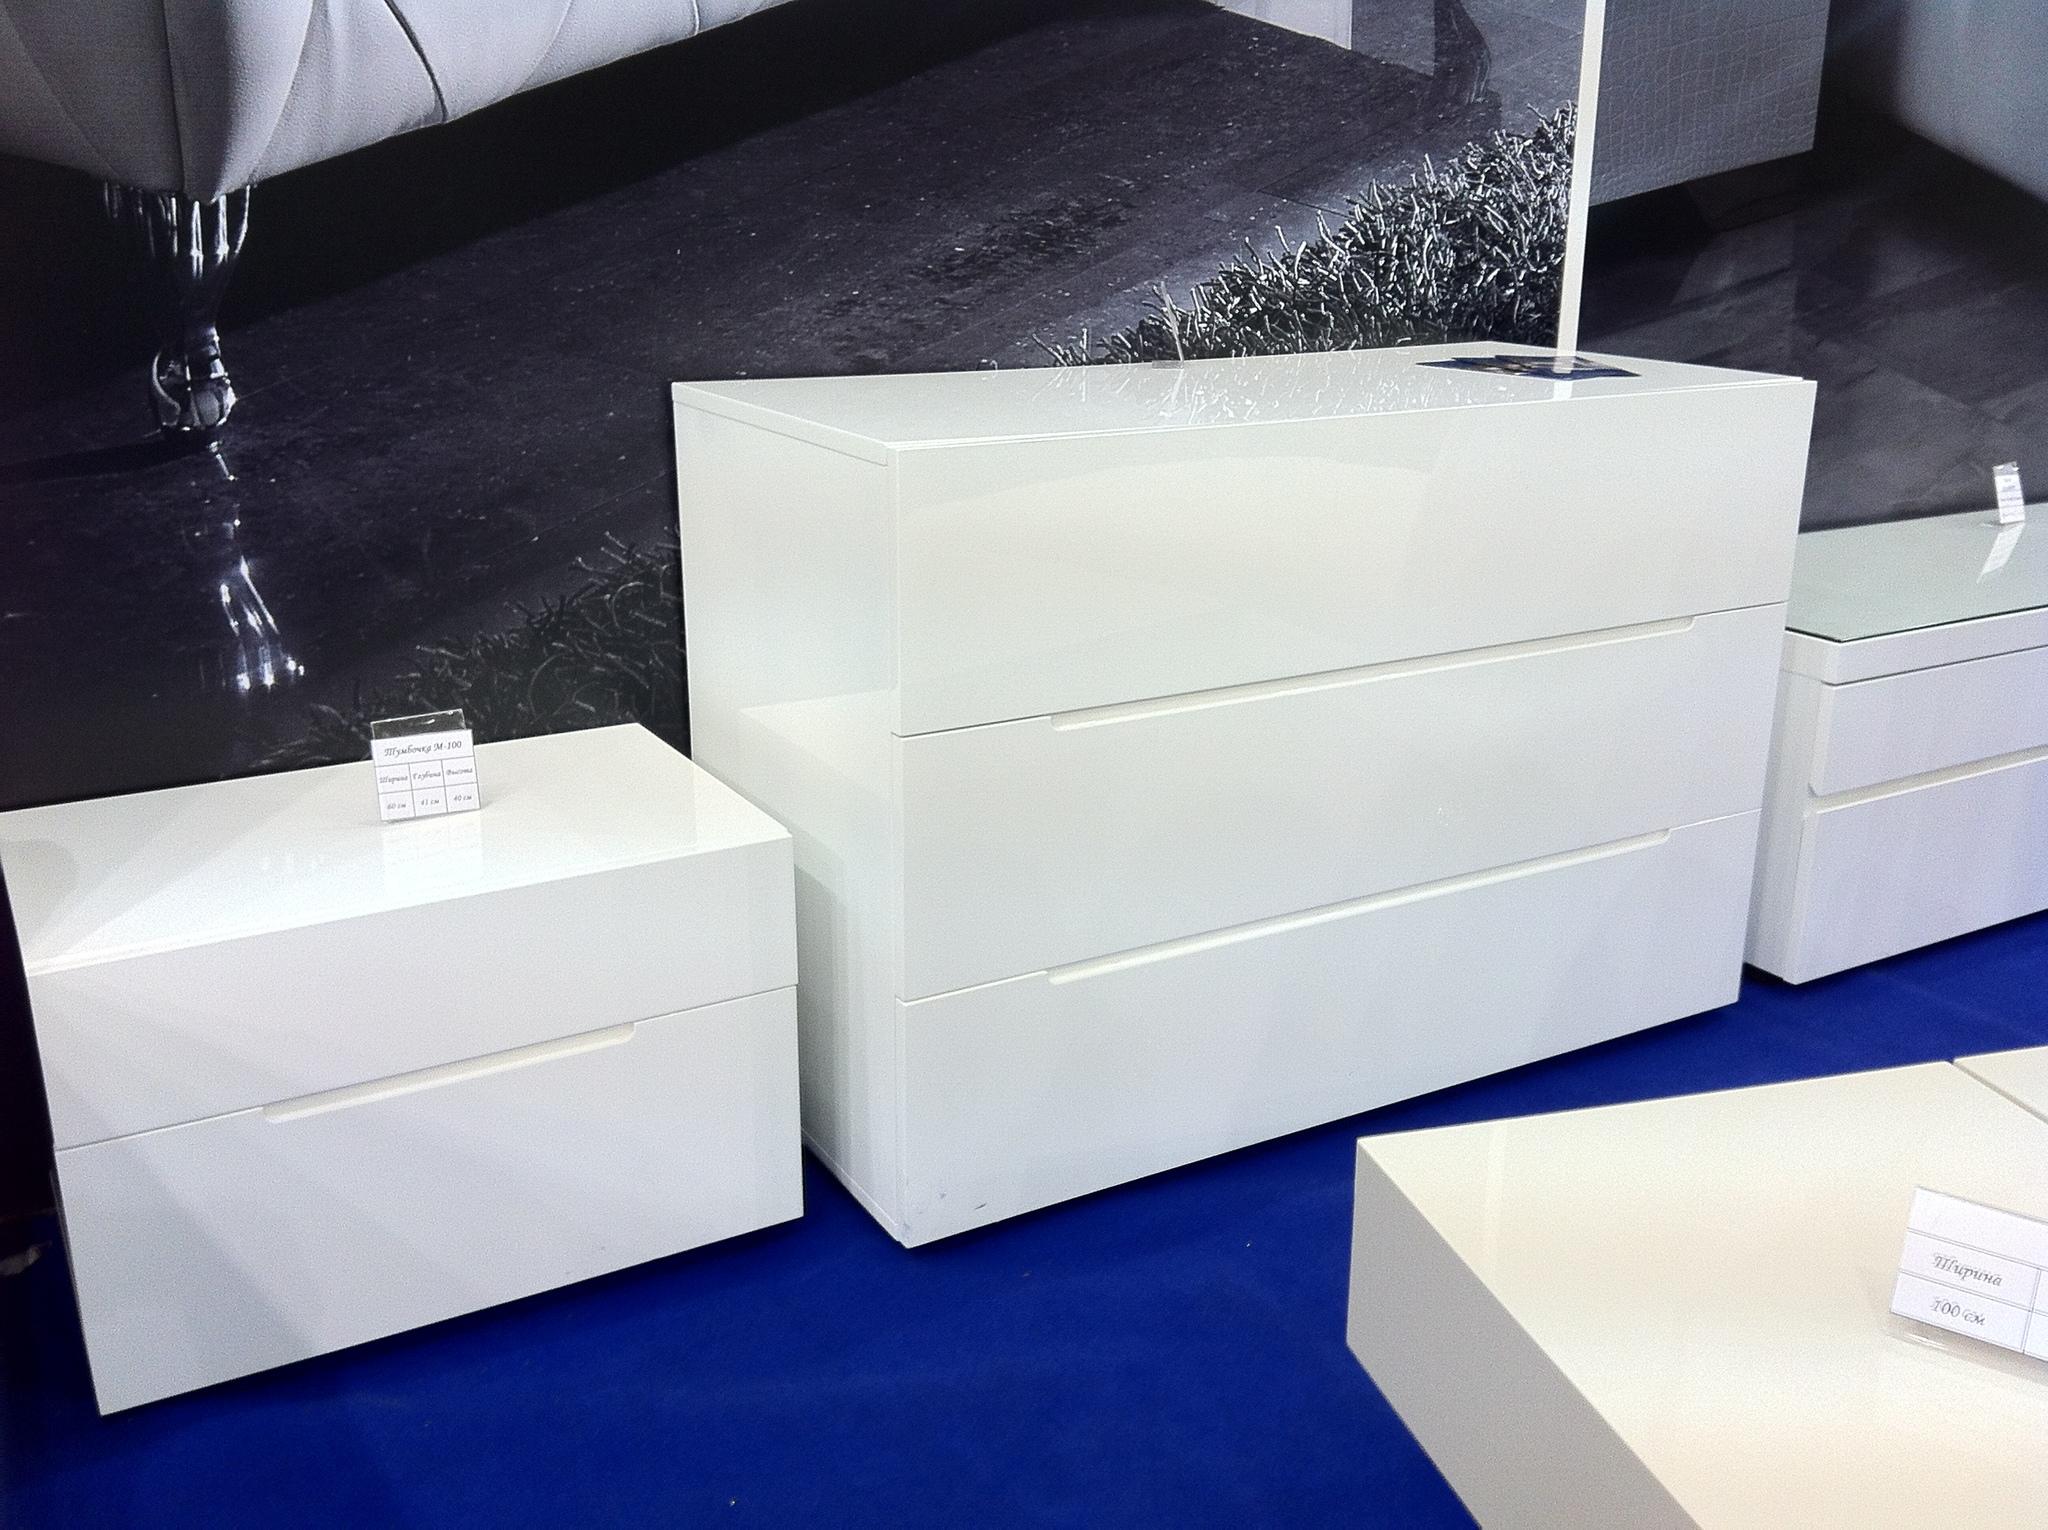 Тумба прикроватная DUPEN (Дюпен) М-100 белая и Комод горизонтальный DUPEN (Дюпен) C-100 белый